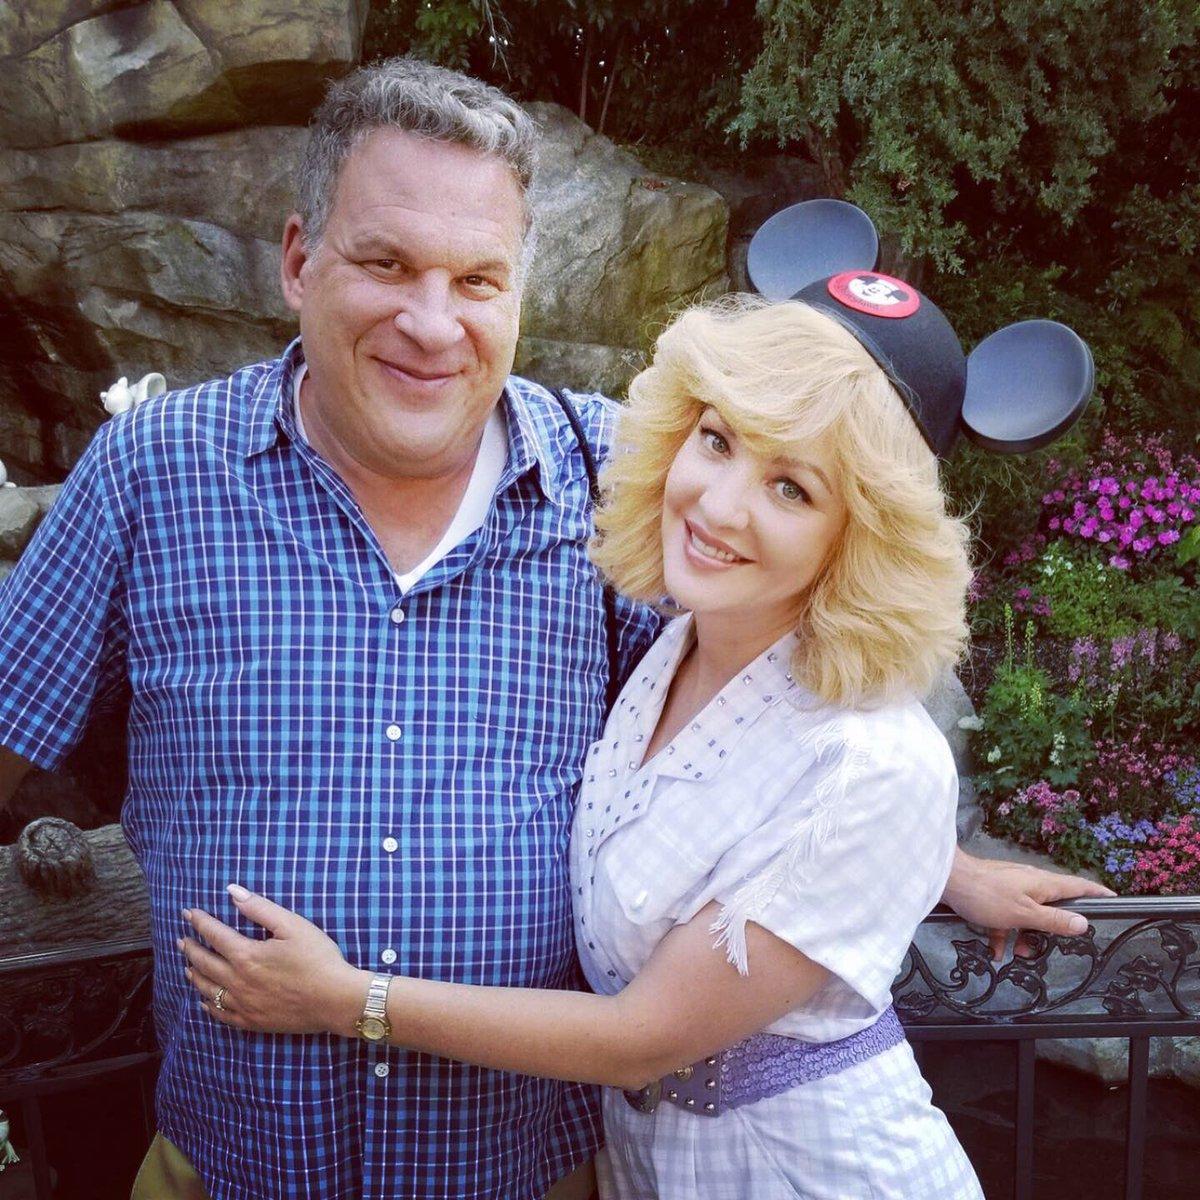 Jeff Garlin, Wendi McLendon-Covey | Via ABC